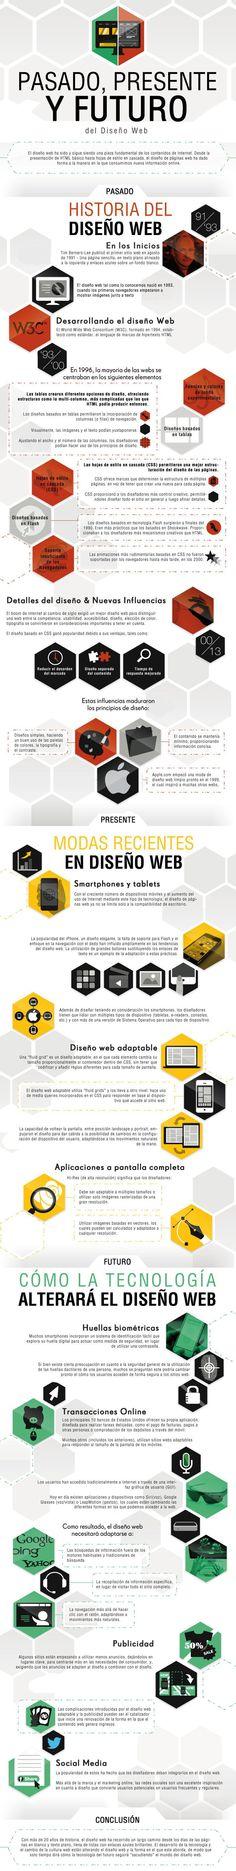 Diseño web: historia y futuro